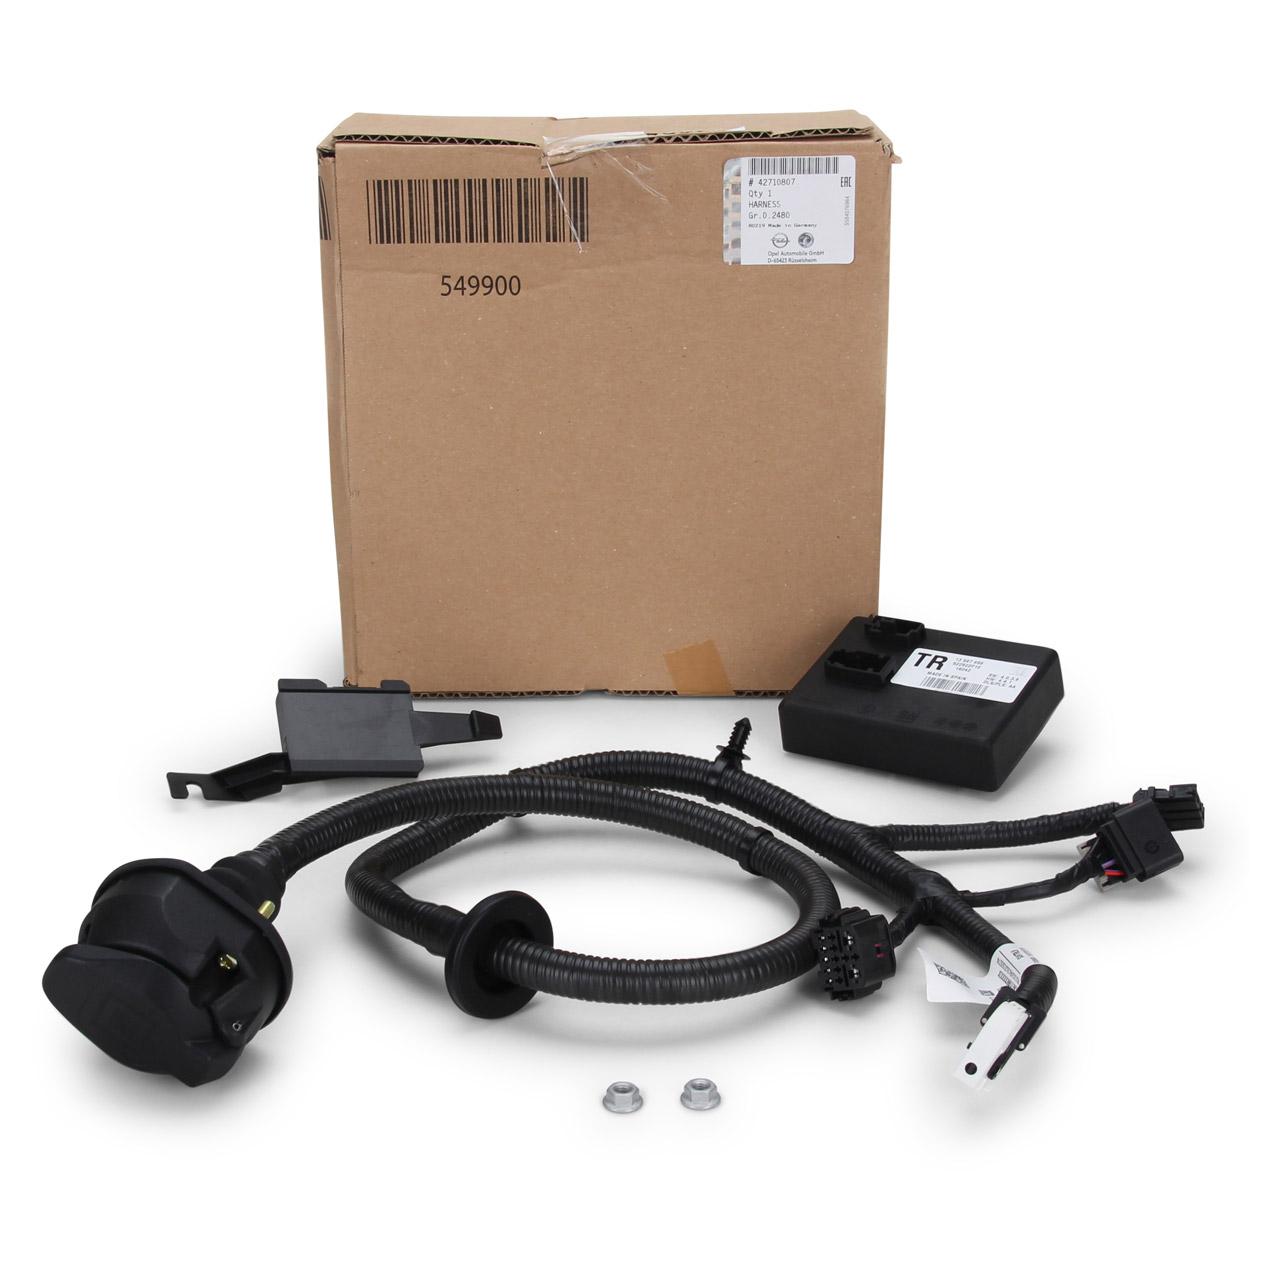 ORIGINAL Opel E-Satz Kabelsatz Anhängerkupplung MOKKA / MOKKA X 13-pol 42710807